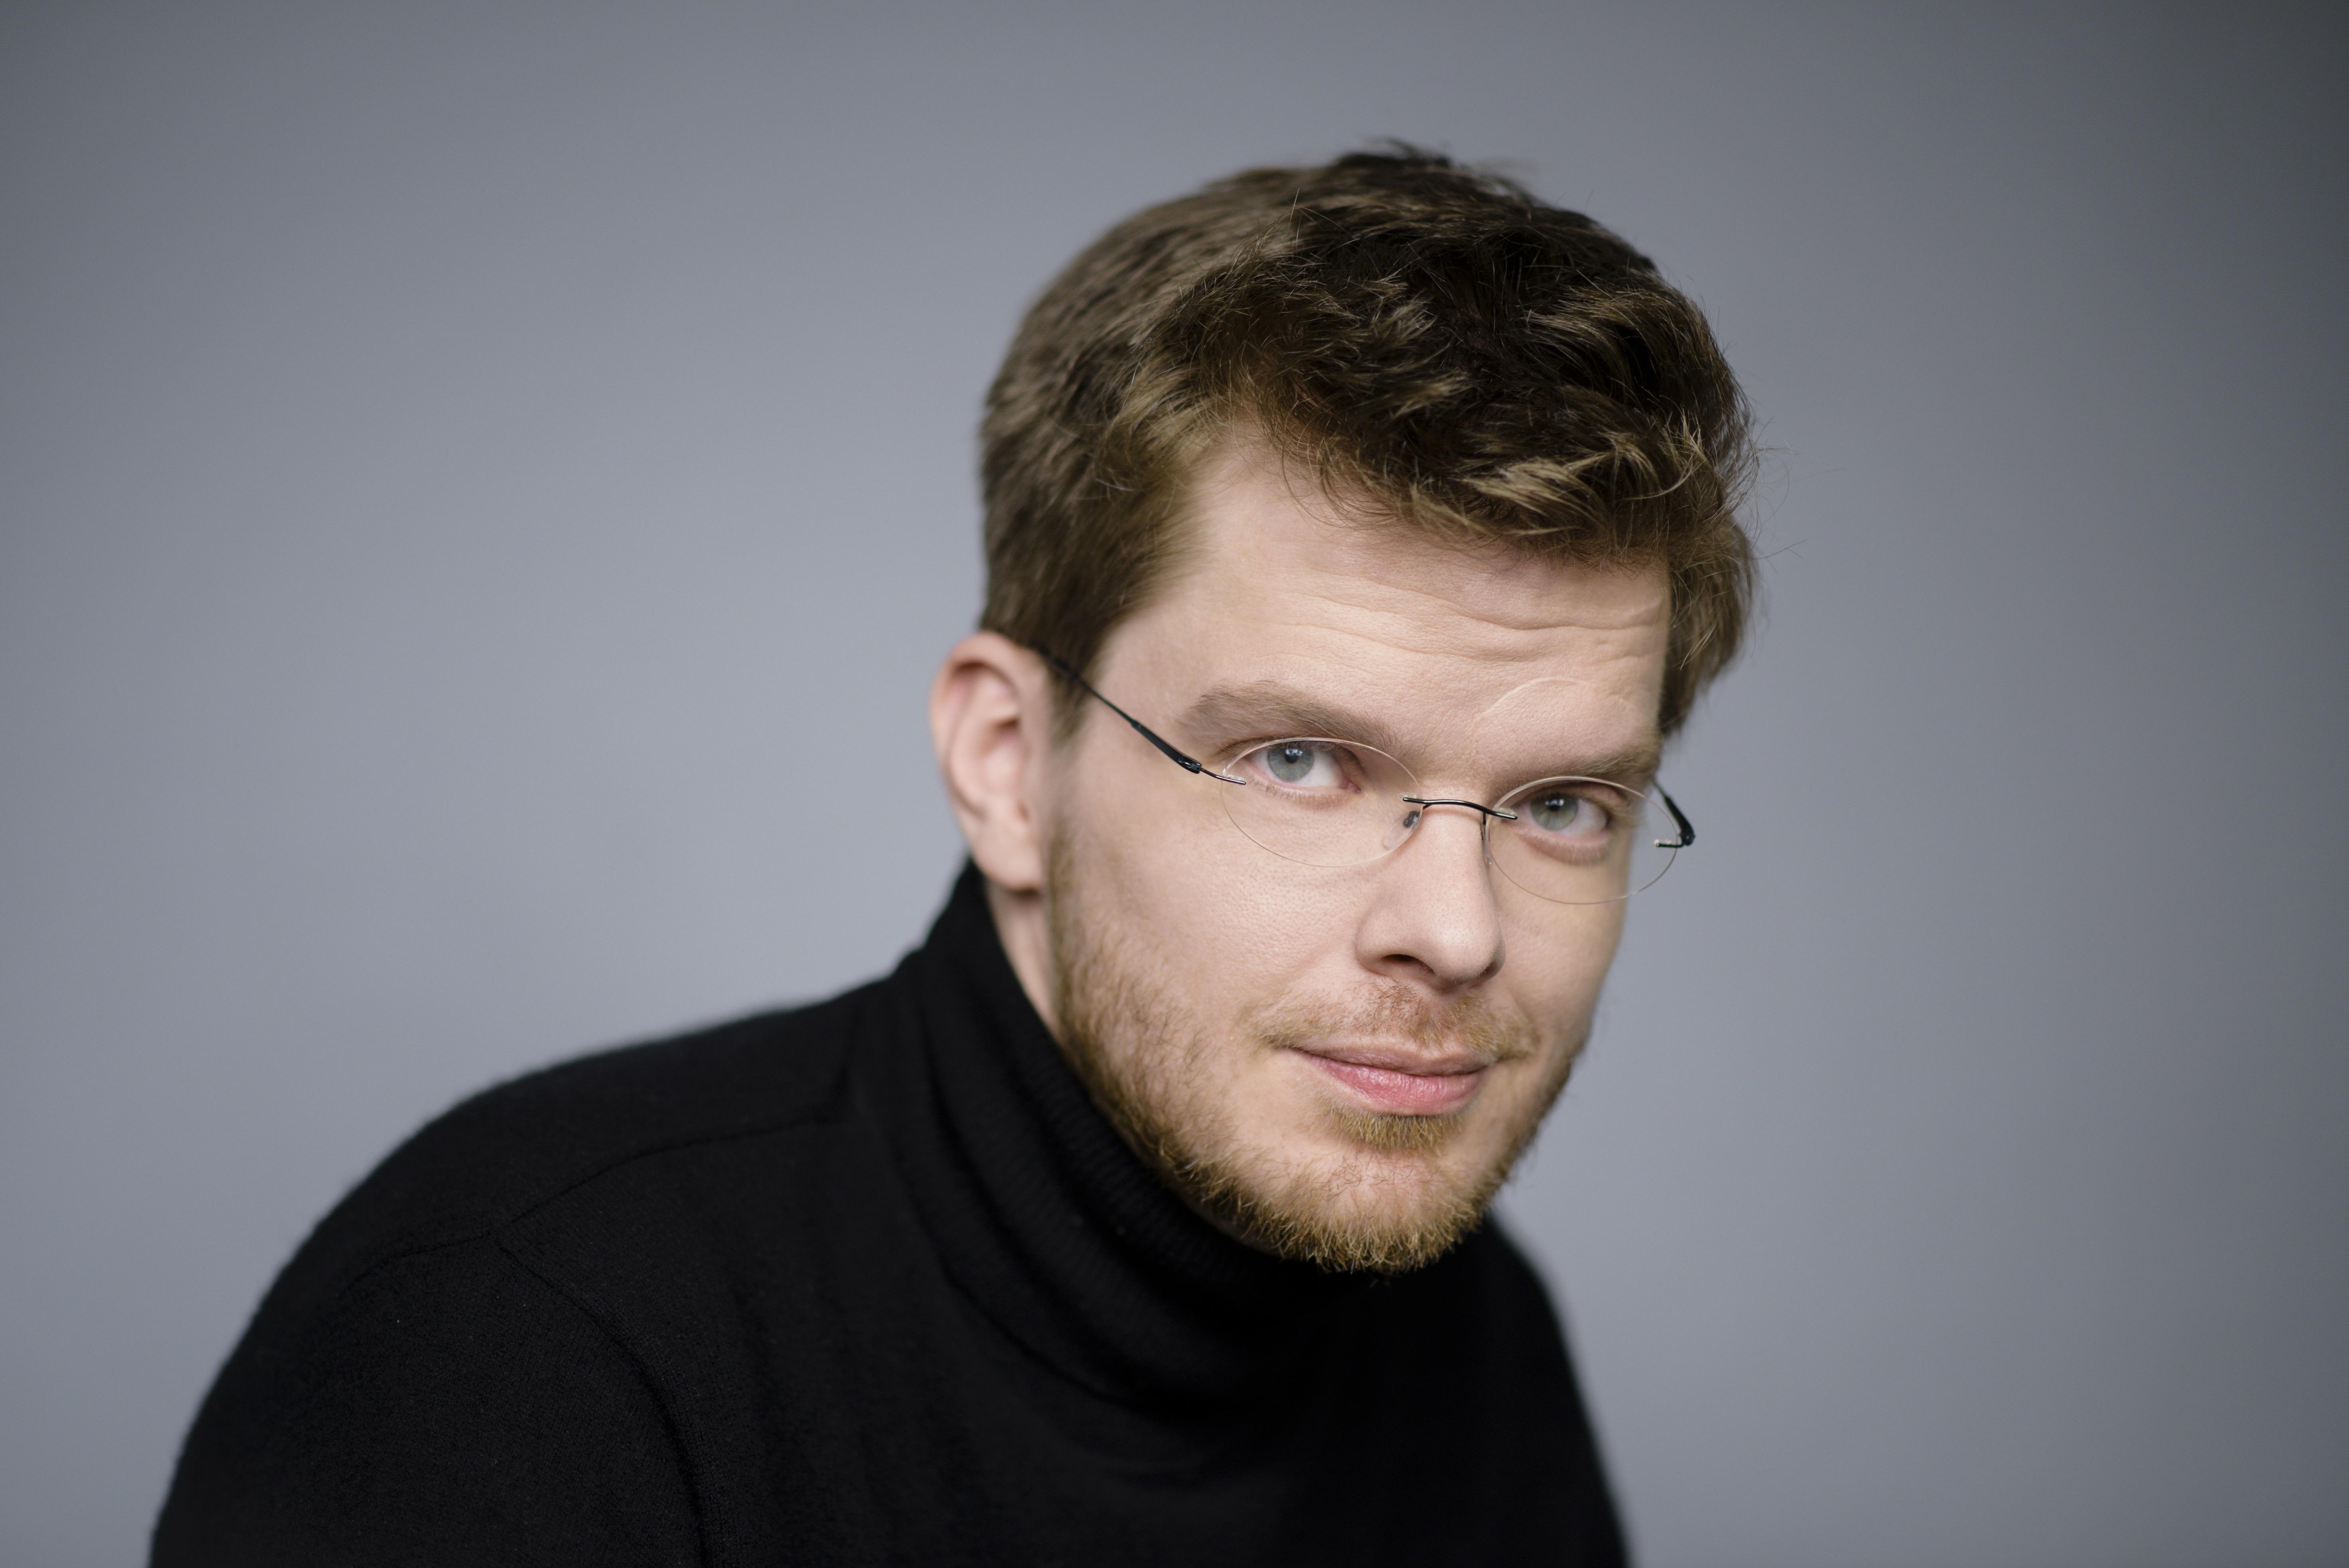 Philipp Möller liste rchb pressemitteilungen mailing pm gottlos glücklich